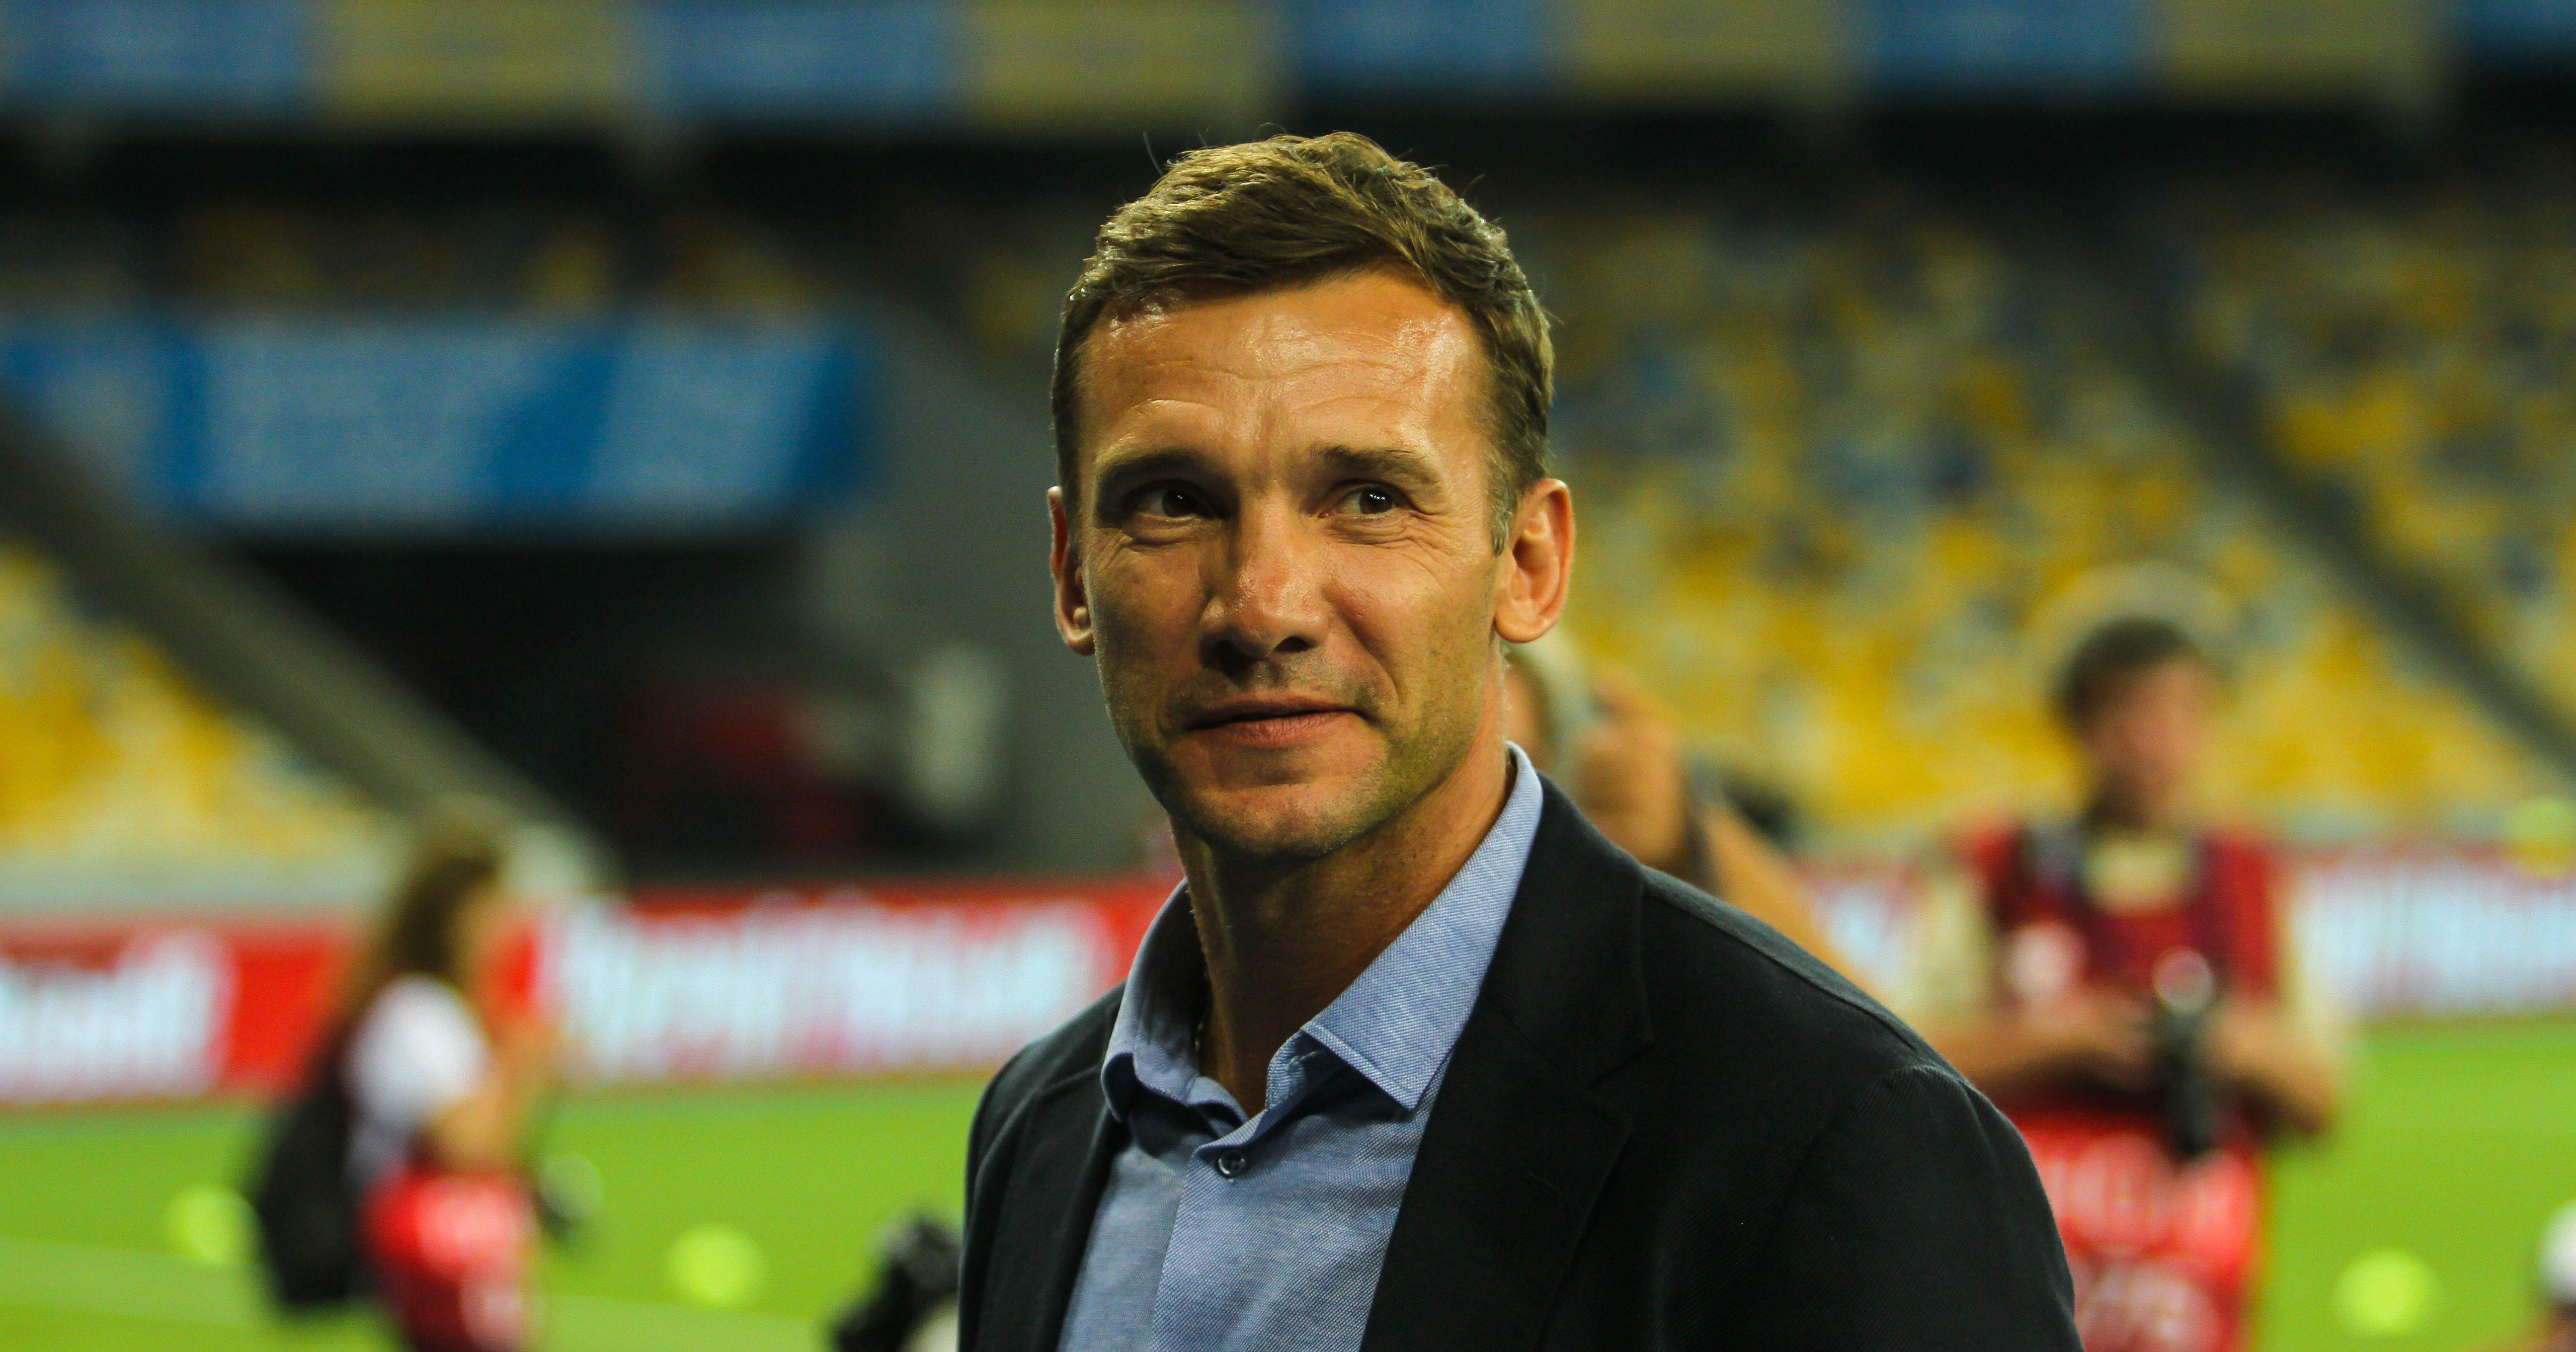 Бакке уволен с поста наставника сборной Финляндии — СМИ